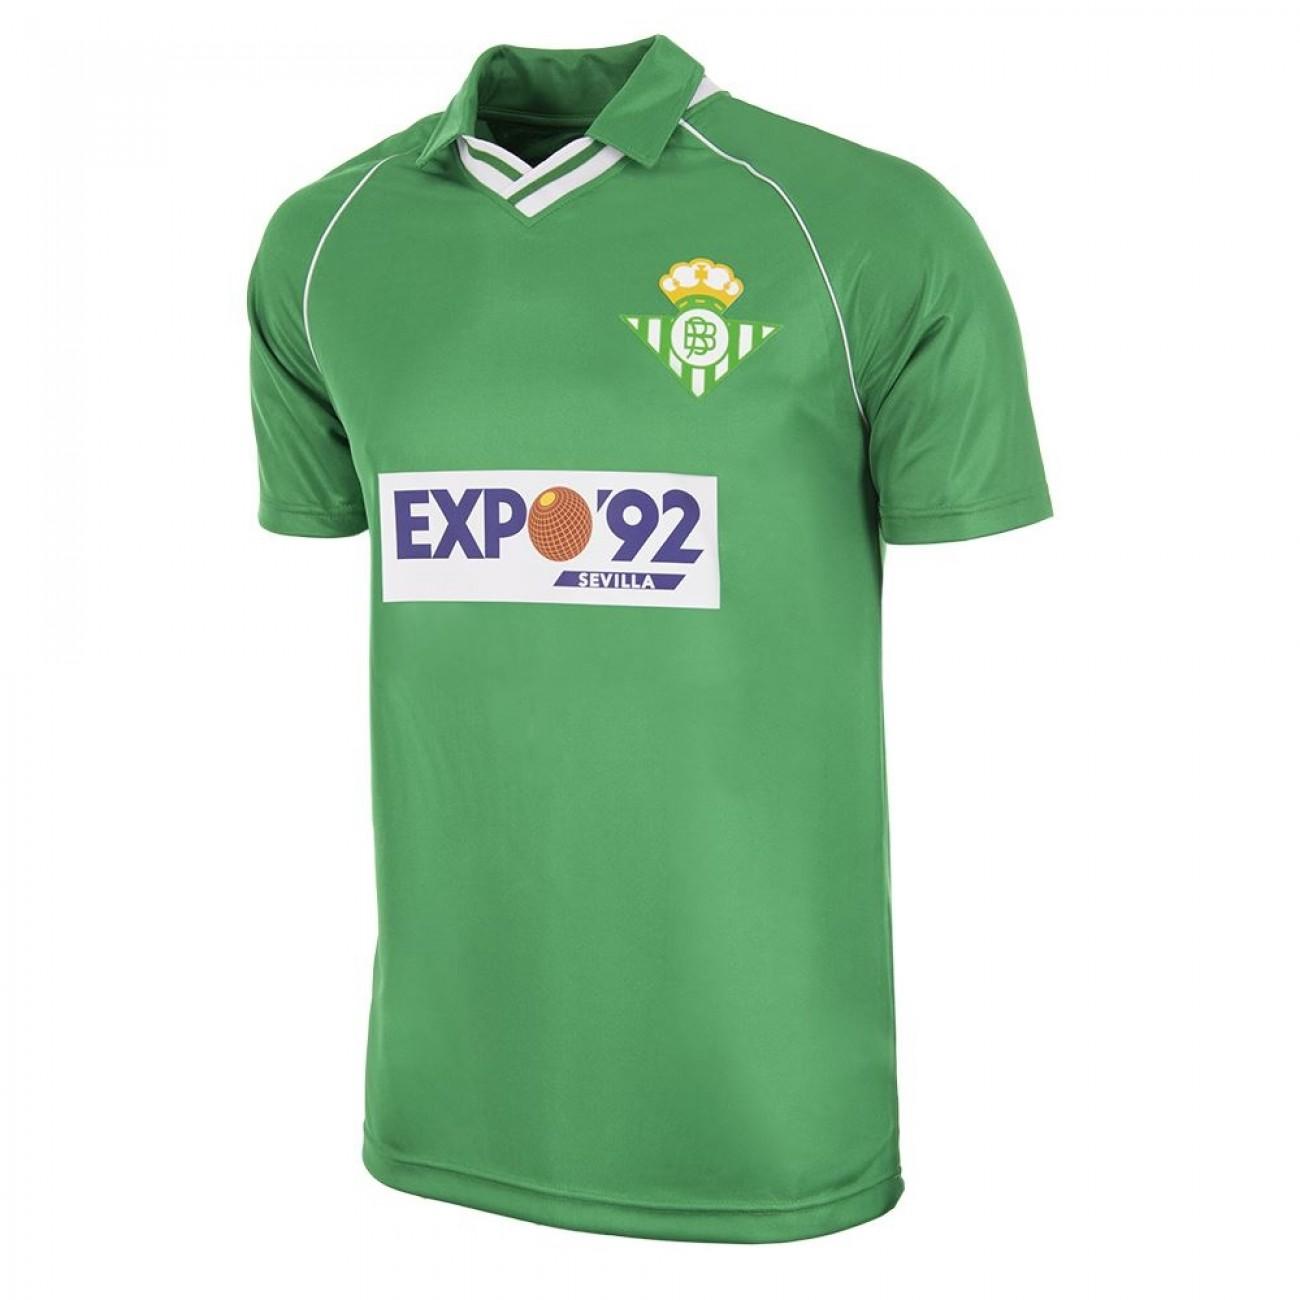 Camiseta Real Betis 1987-1990 con Expo